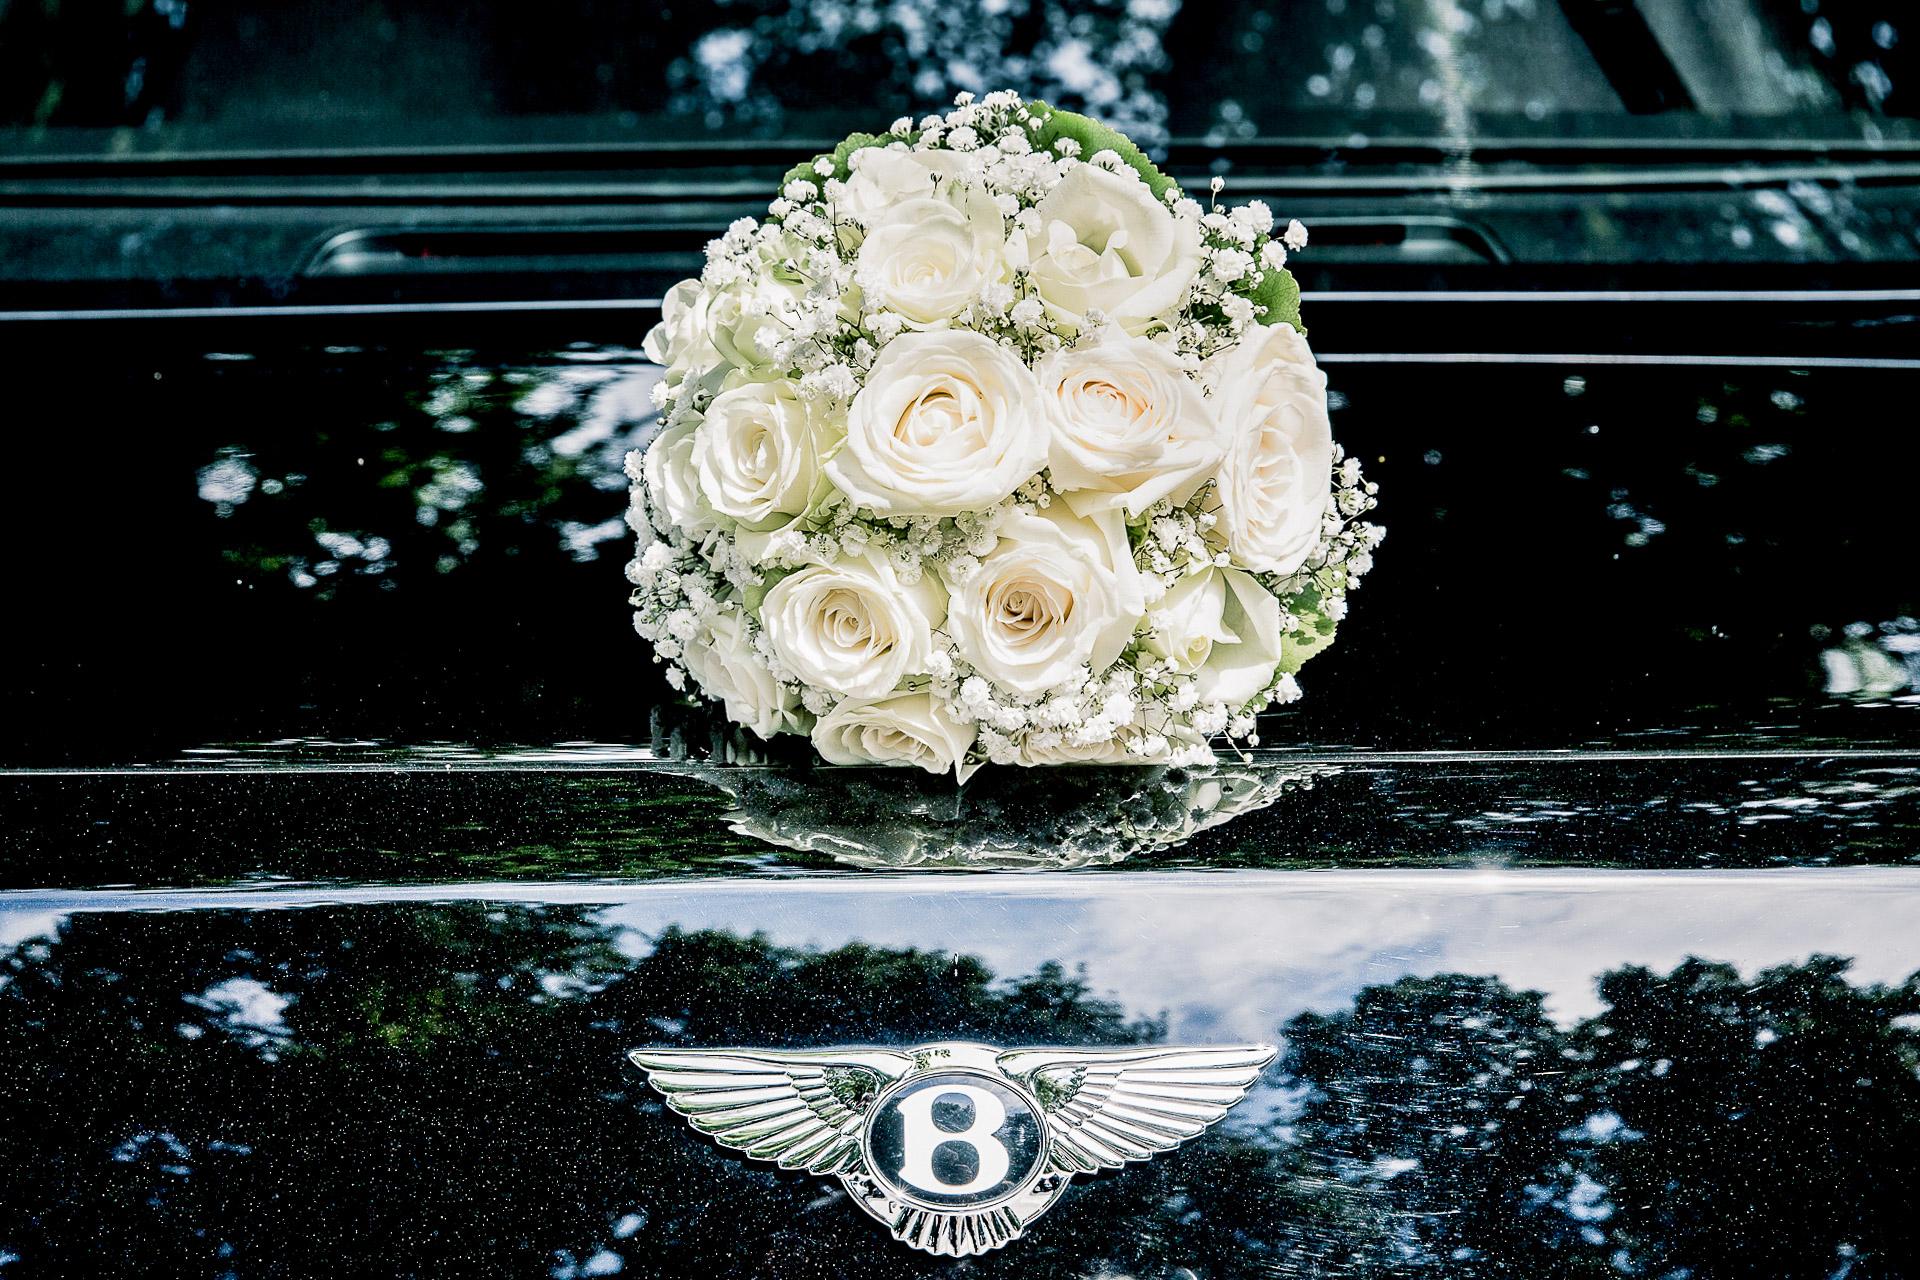 Blumen Hochzeit Gunstig Munchen Hochzeitsfotograf In Munchen